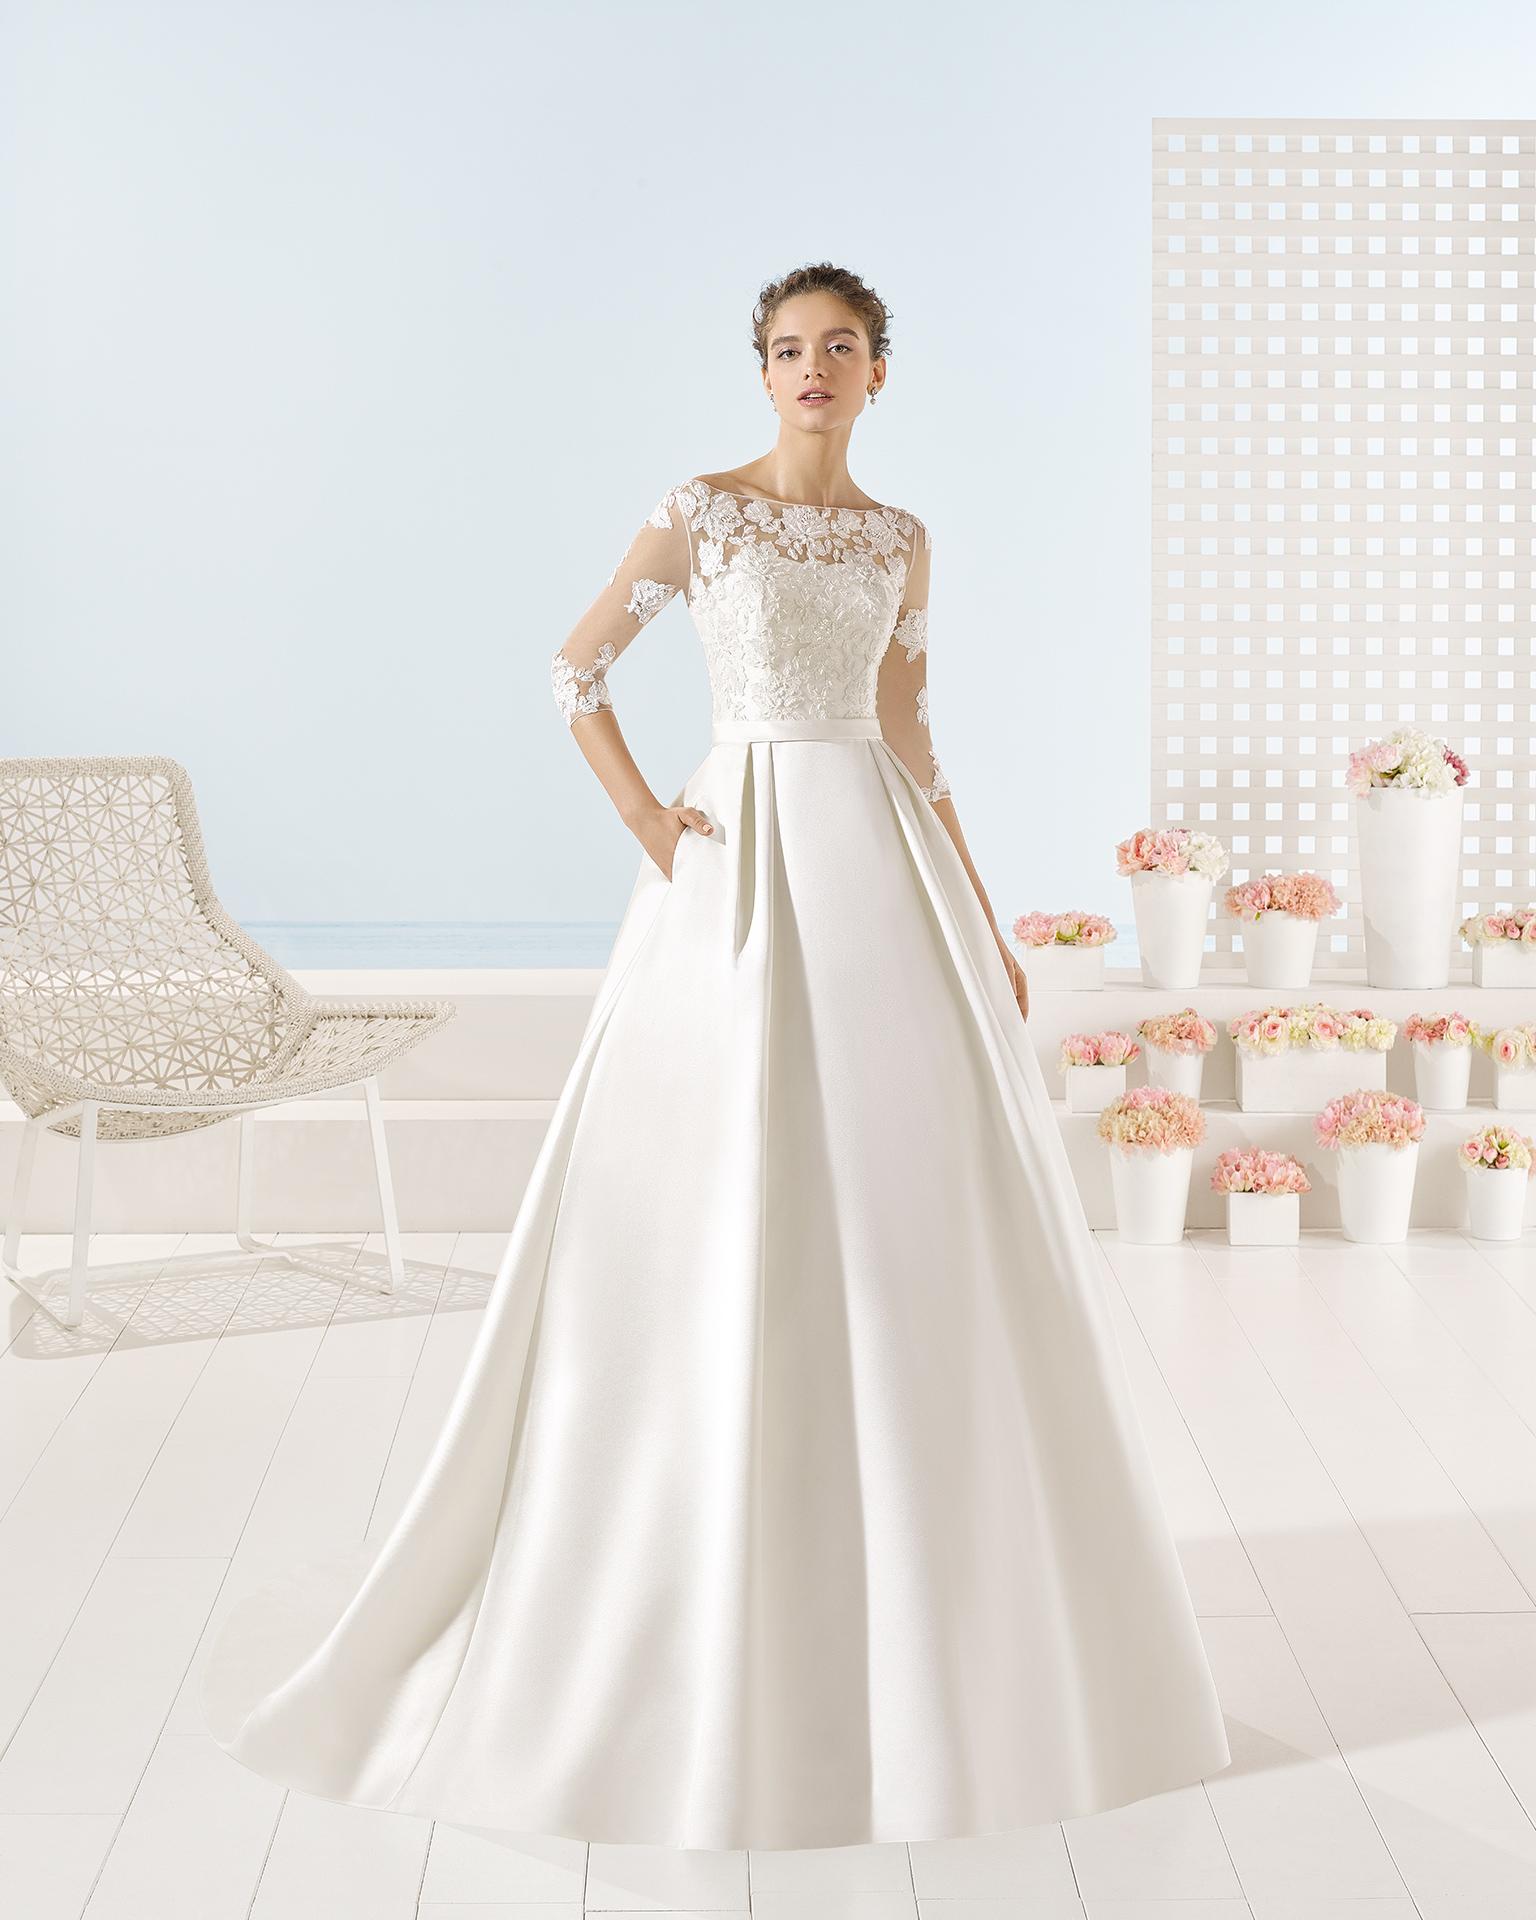 Fabrica de vestidos de novia en beneixama